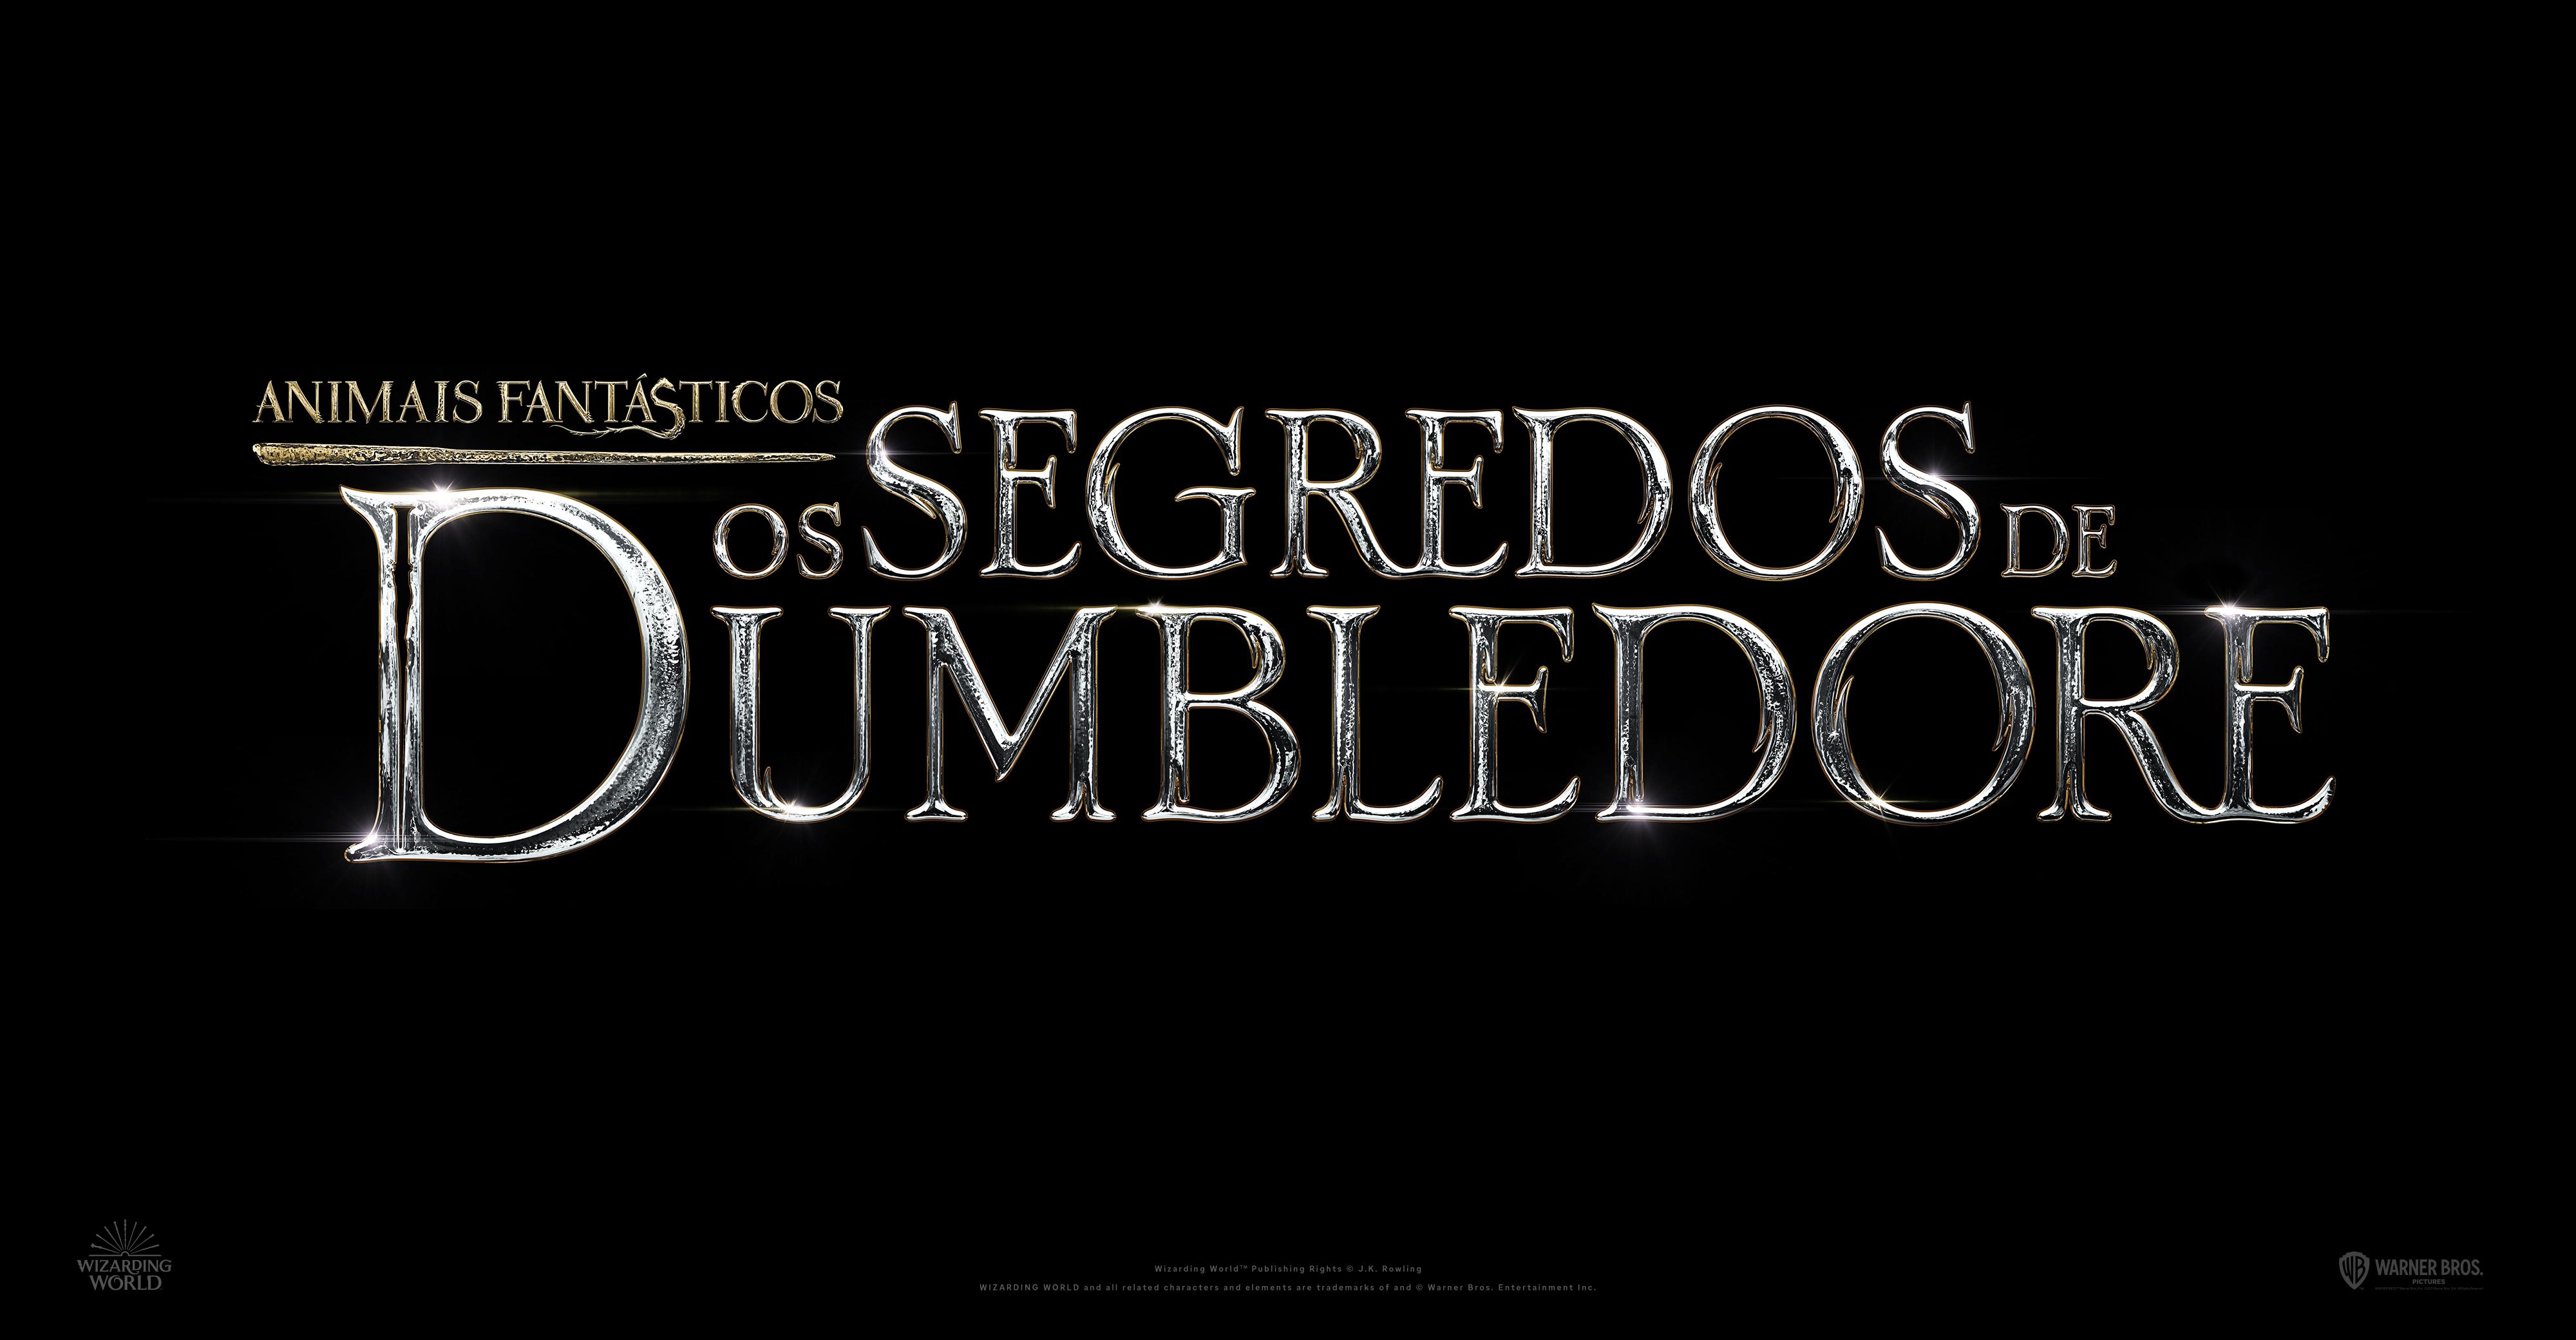 Animais Fantásticos: Os Segredos de Dumbledore é o título oficial de Animais Fantásticos 3